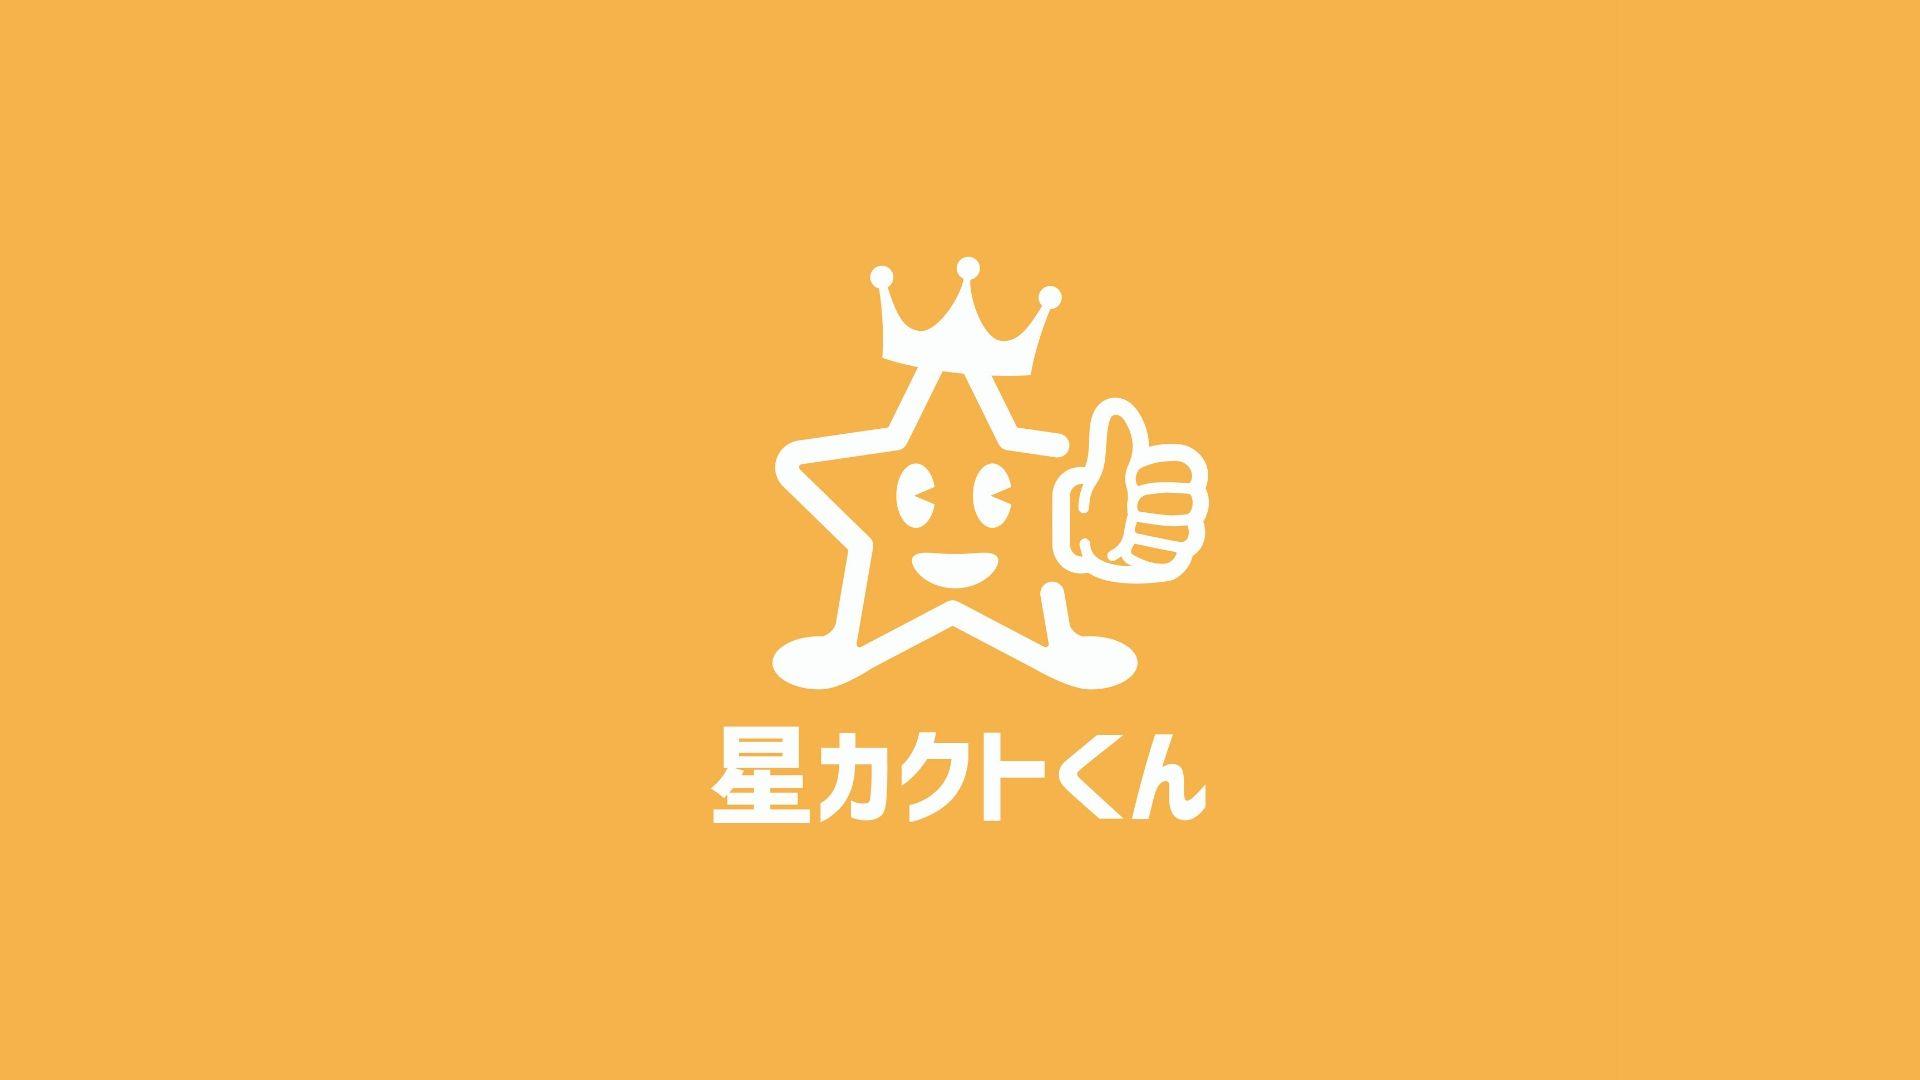 クチコミ管理・促進ツール「星カクトくん」が『エキテン』に対応開始!